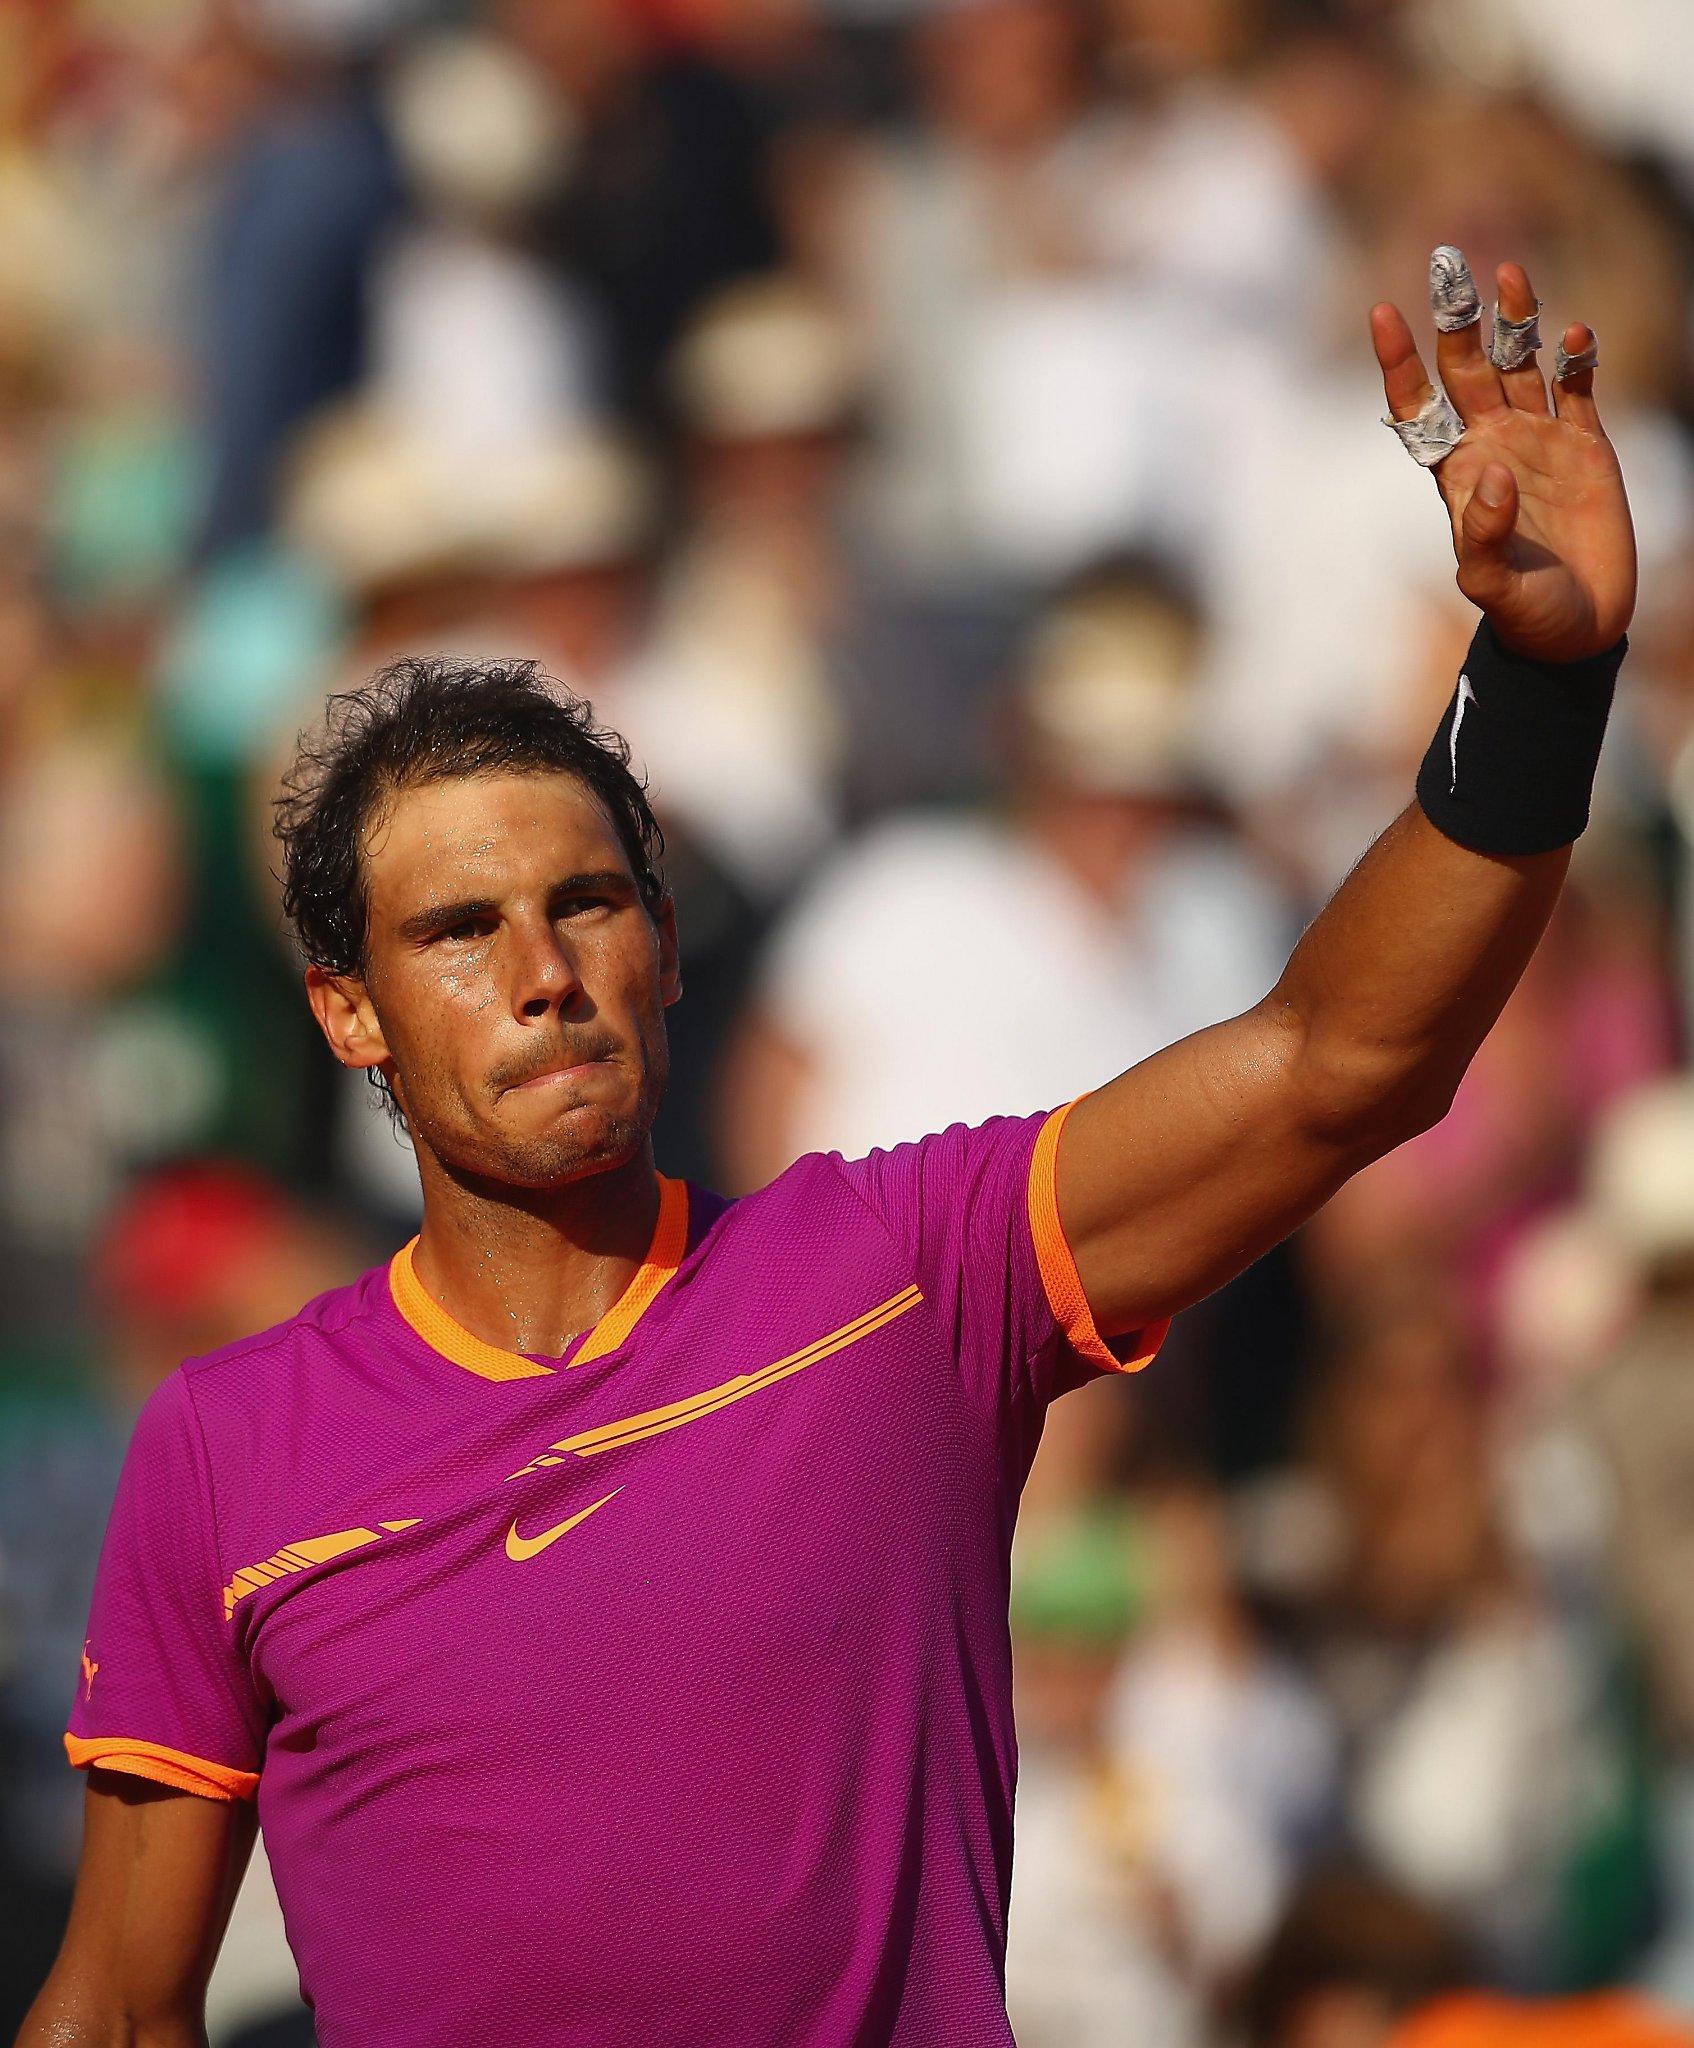 Rafael Nadal beats David Goffin to reach Monte Carlo final - mySanAntonio.com